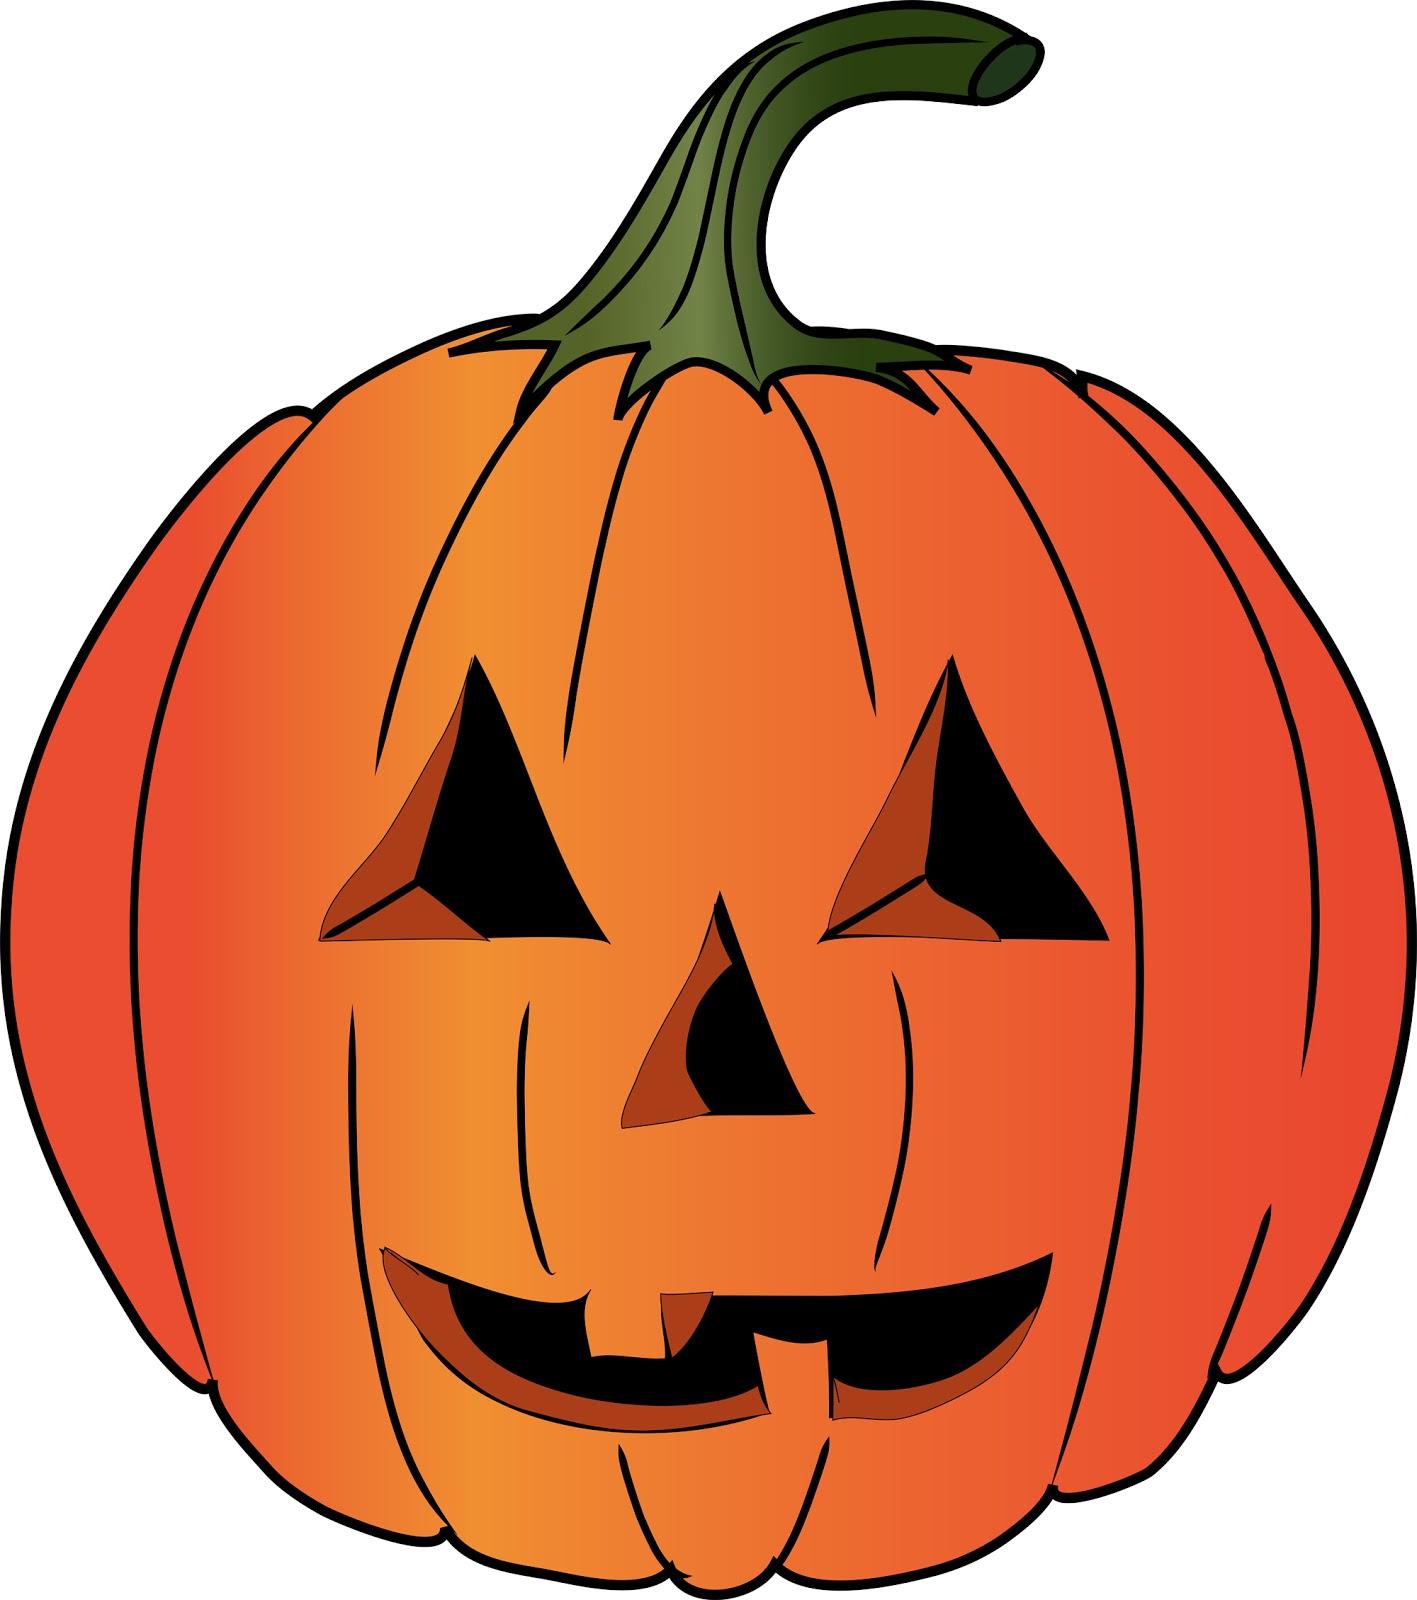 1417x1600 Halloween Pumpkin Carving Clip Art Clipart Panda